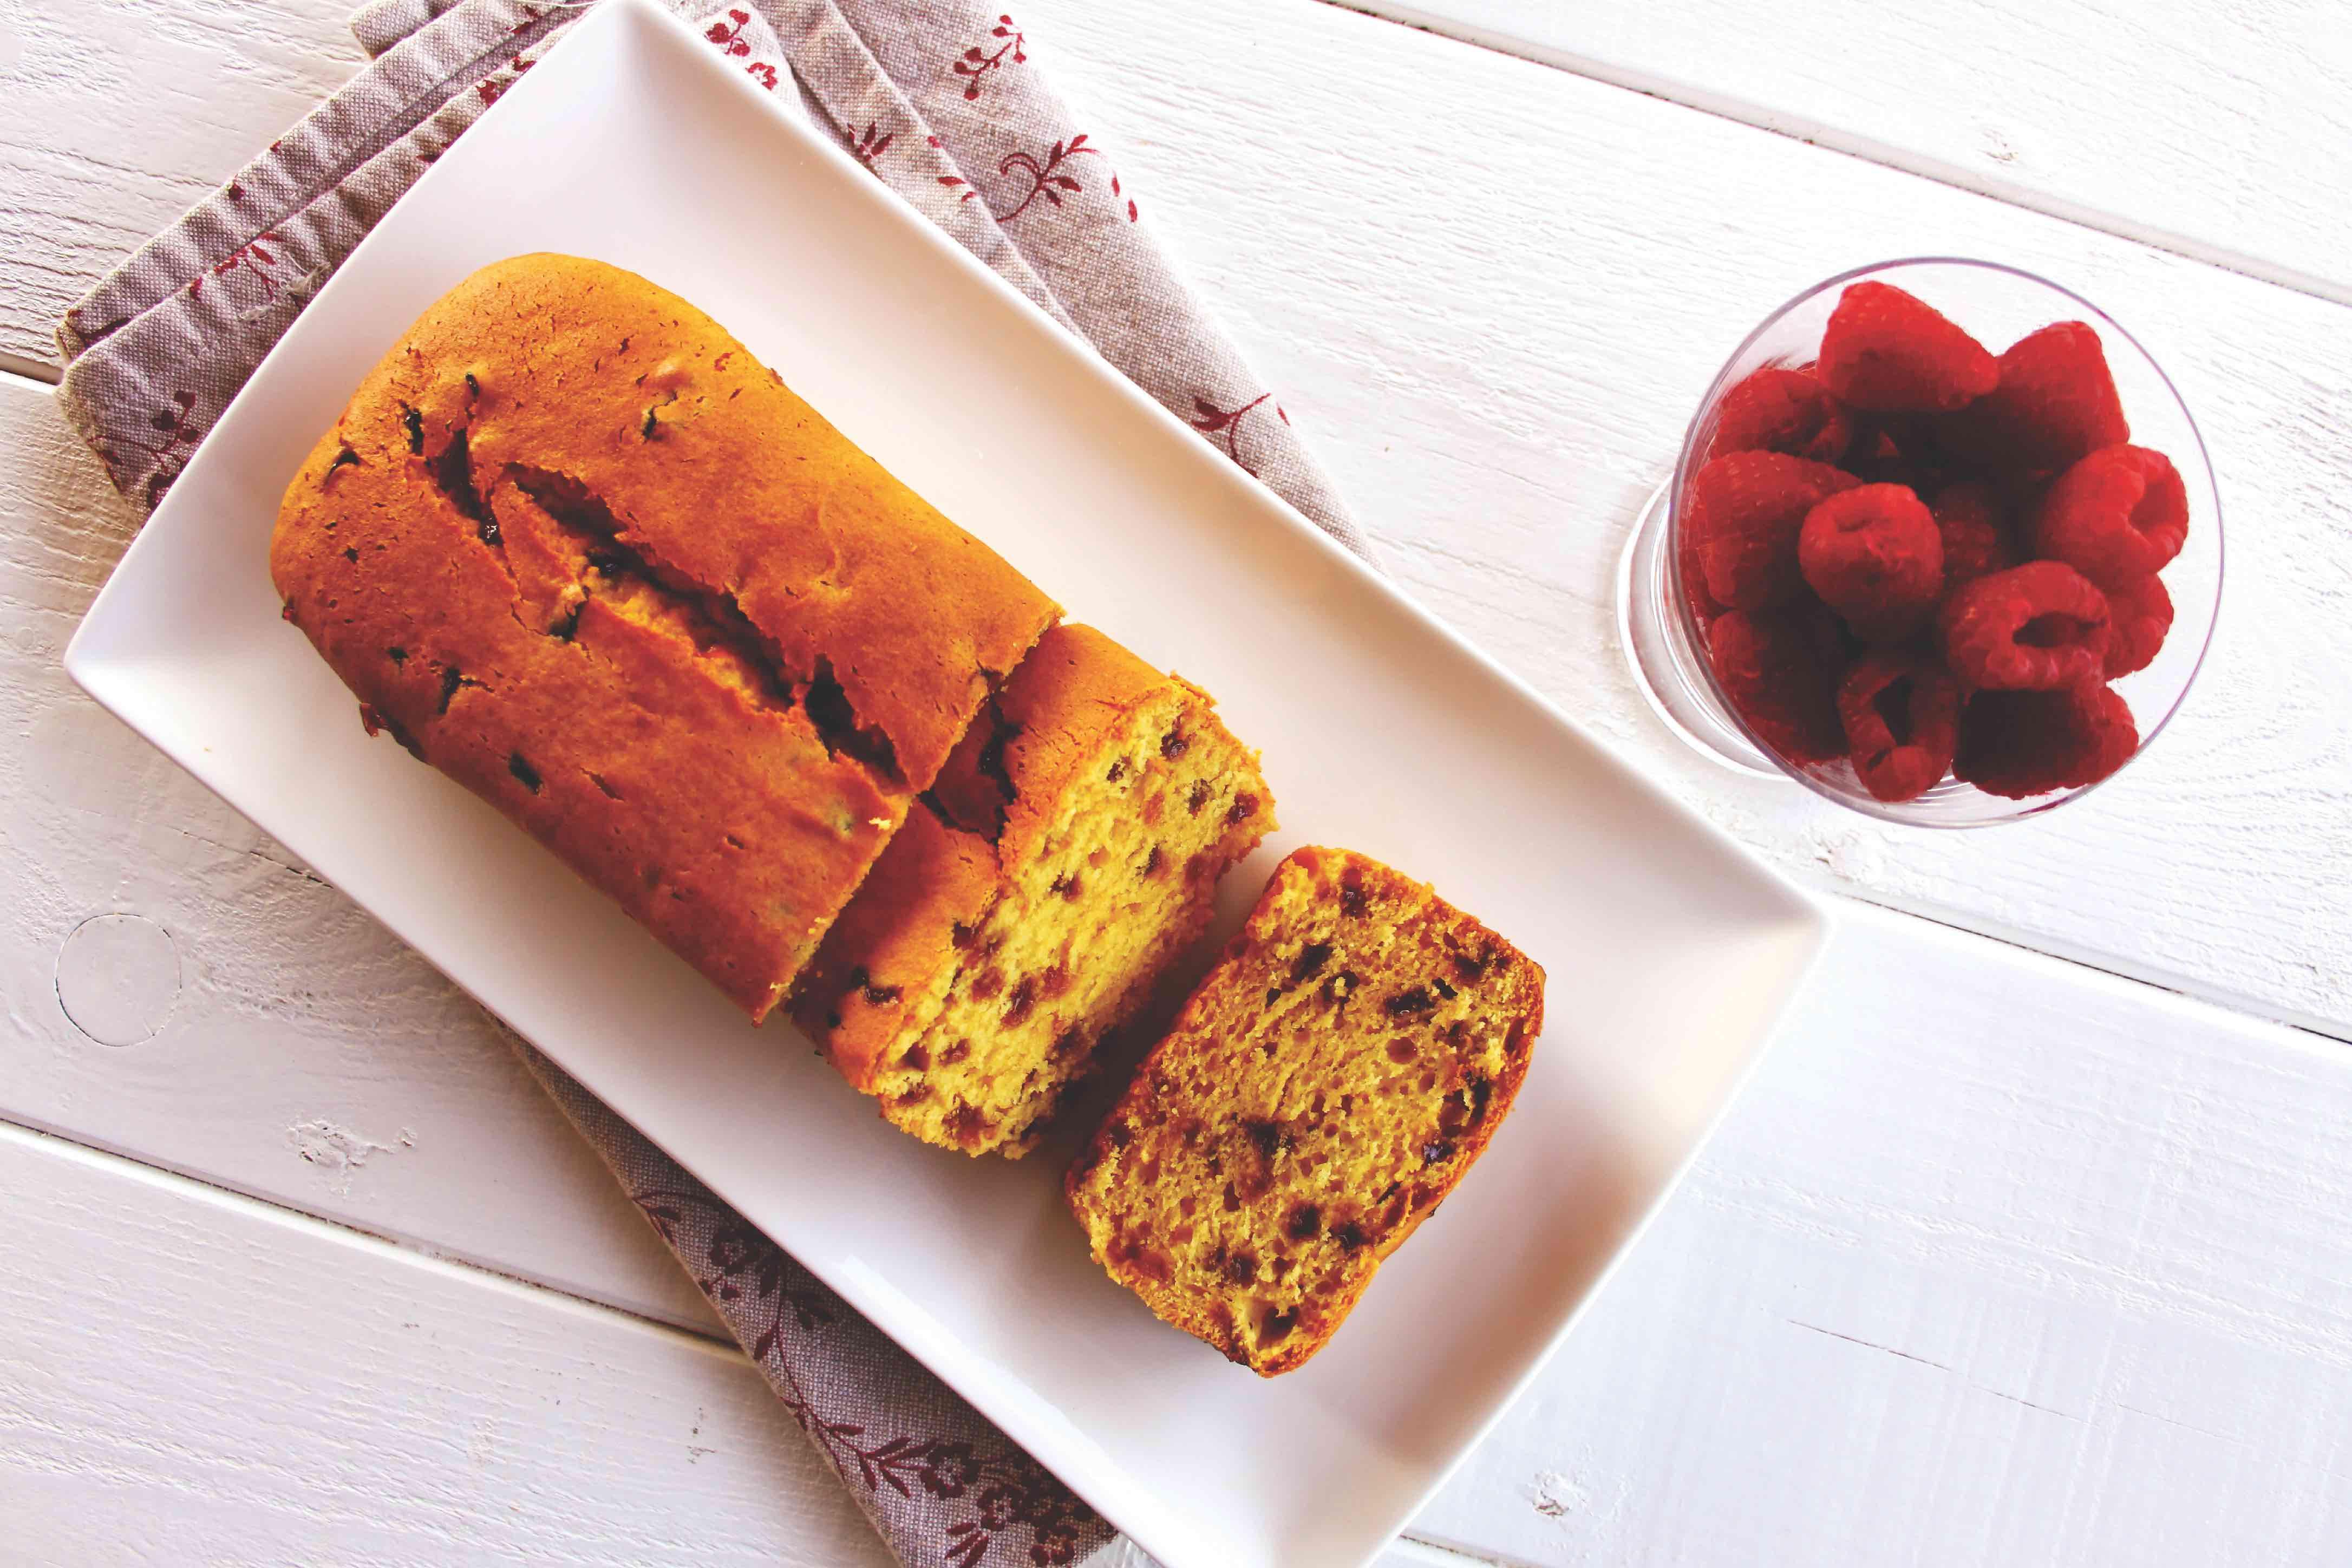 6 delicious gluten-free cake recipes